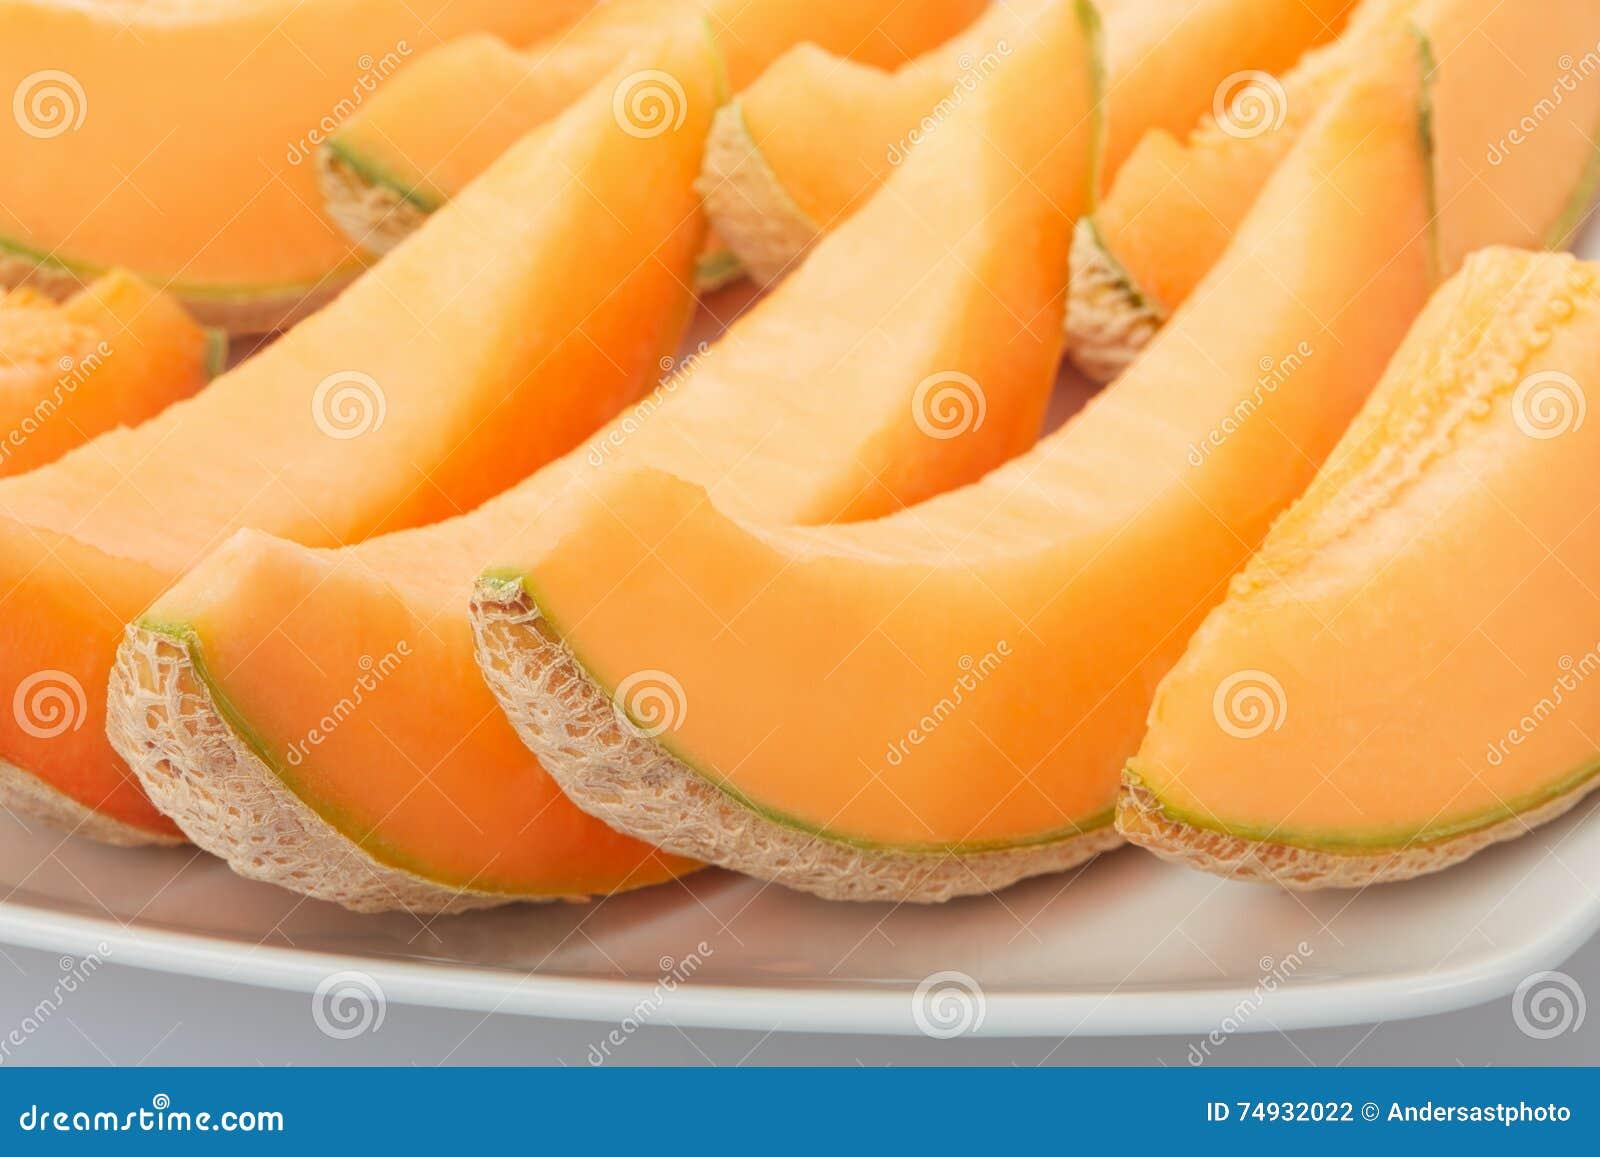 Melon de cantaloup, tranches oranges sur le plat